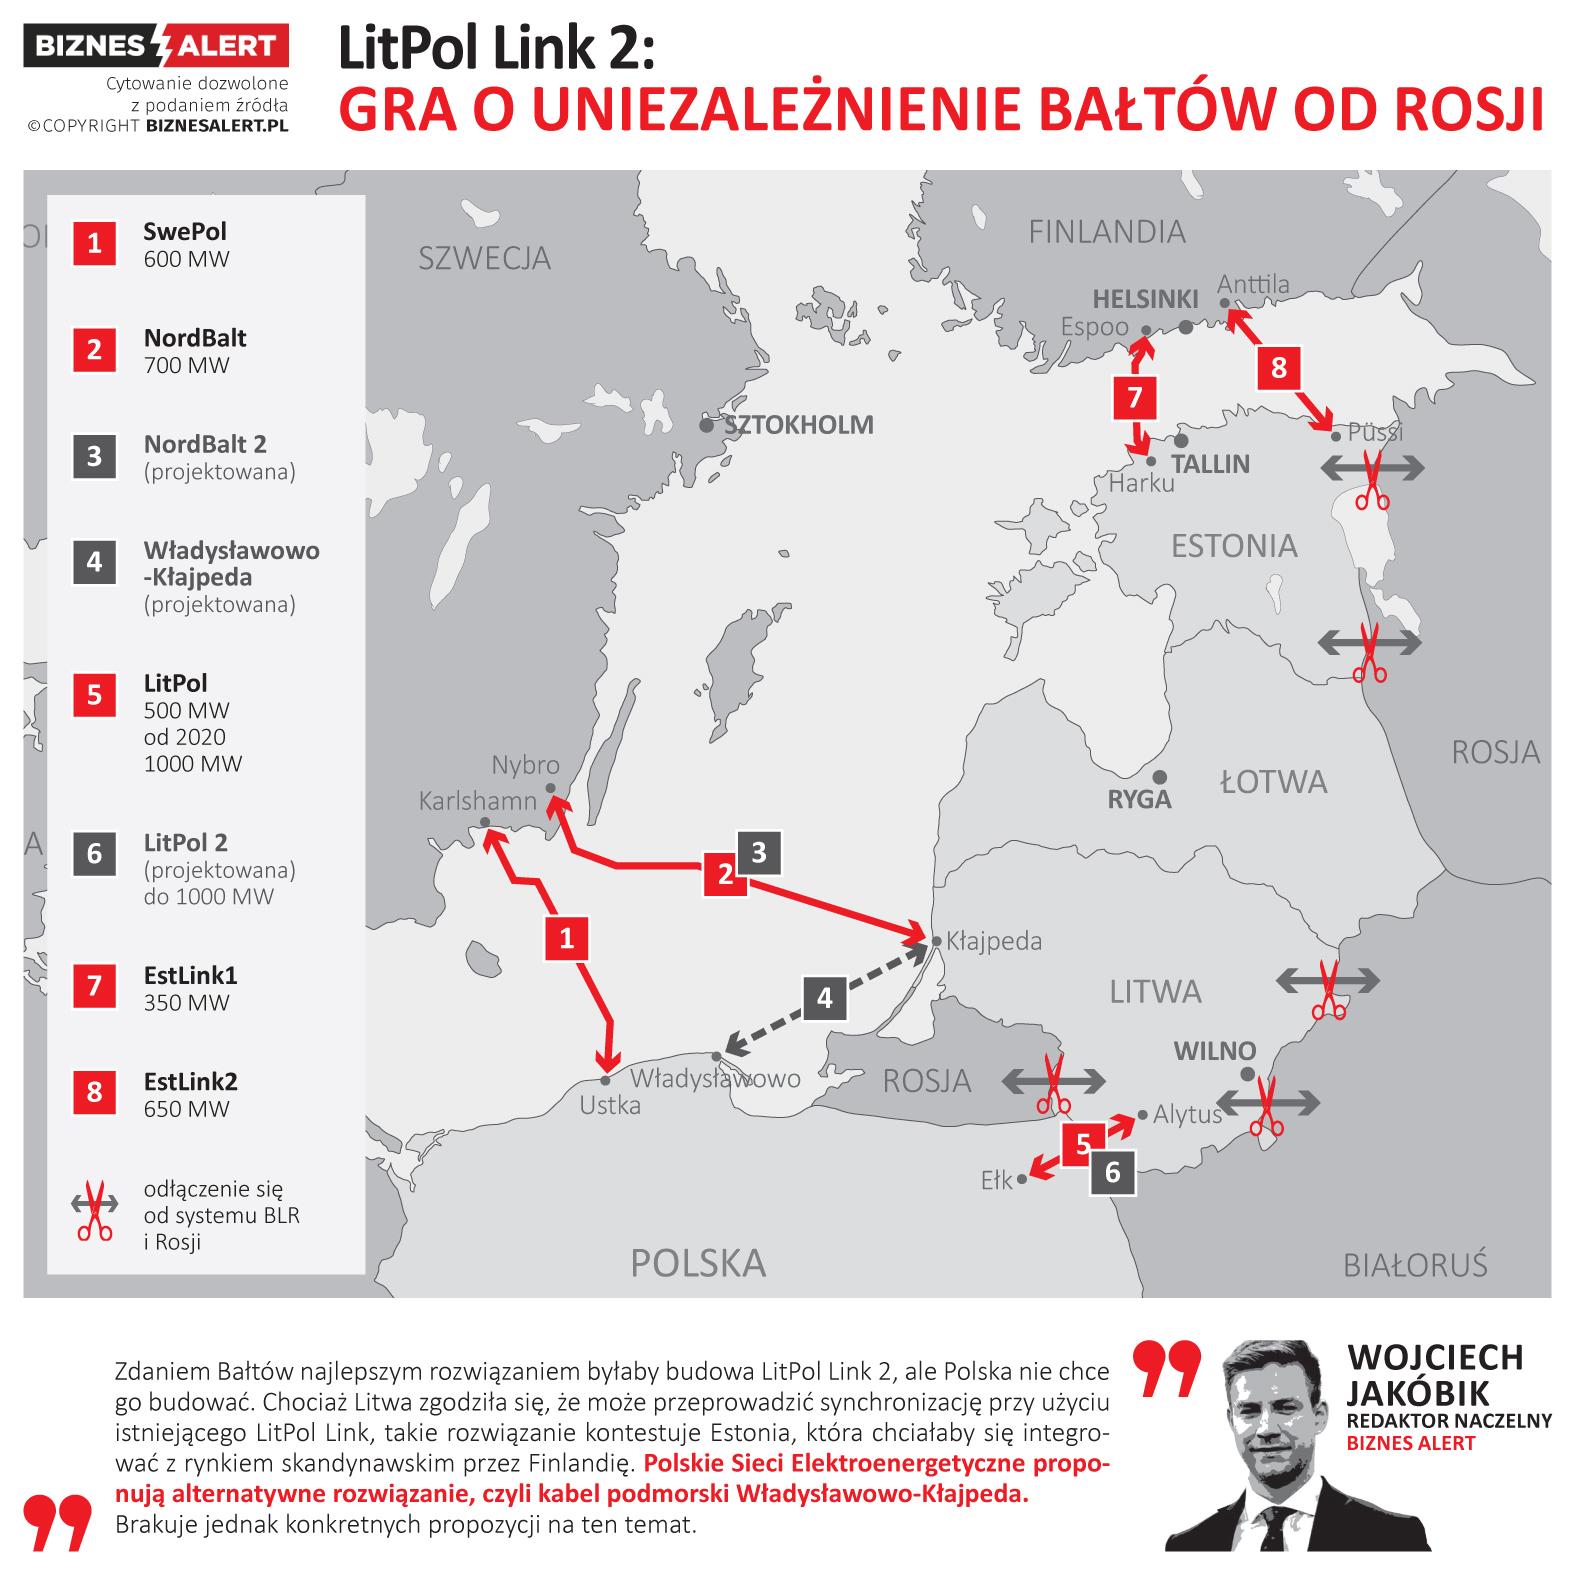 LitPol Link, LitPol Link 2 i inne projekty z potencjałem desynchronizacji Bałtów od Rosji. Grafika: BiznesAlert.pl